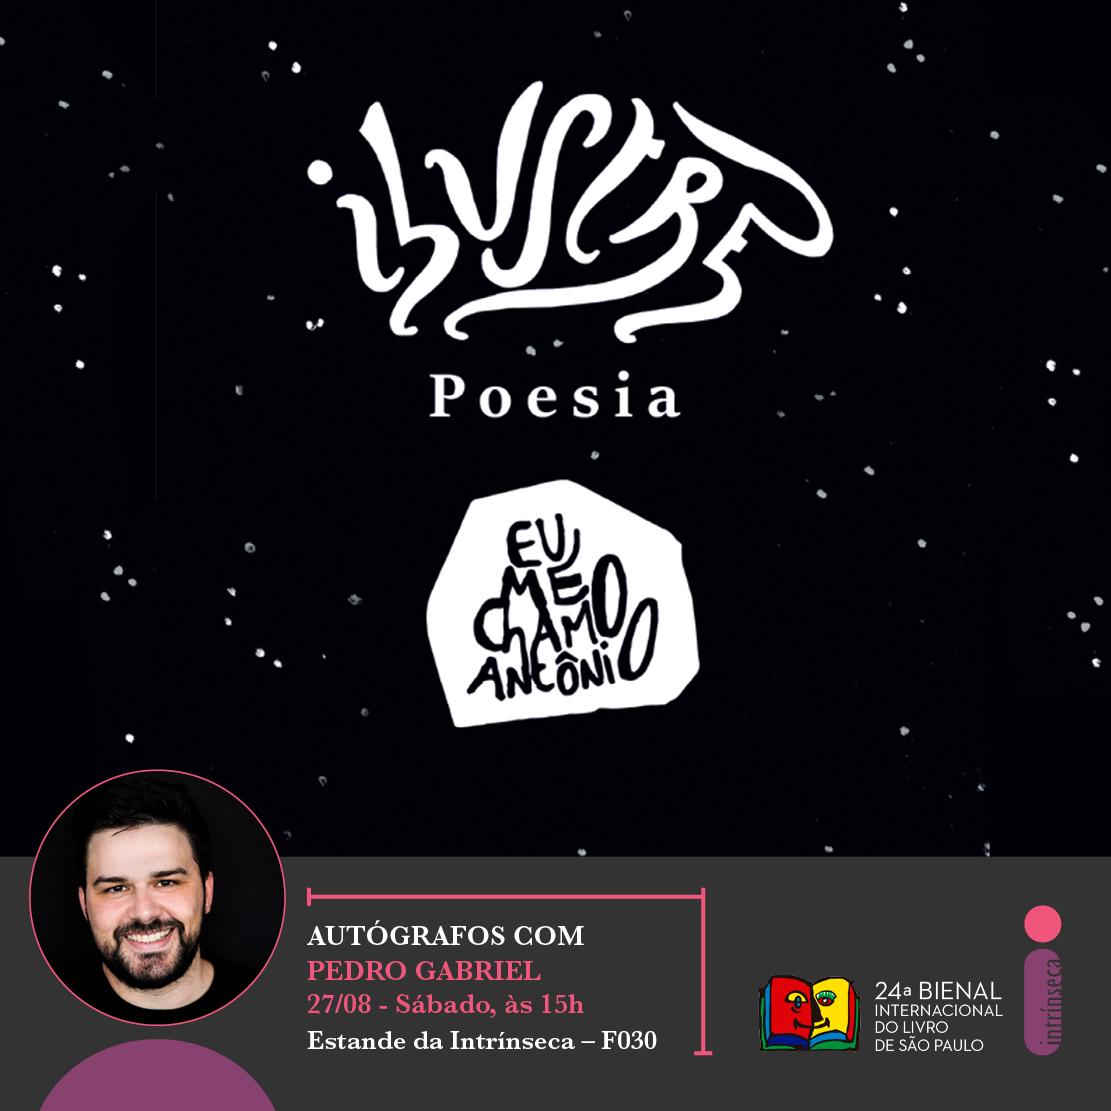 Convite_Autores-Pedro